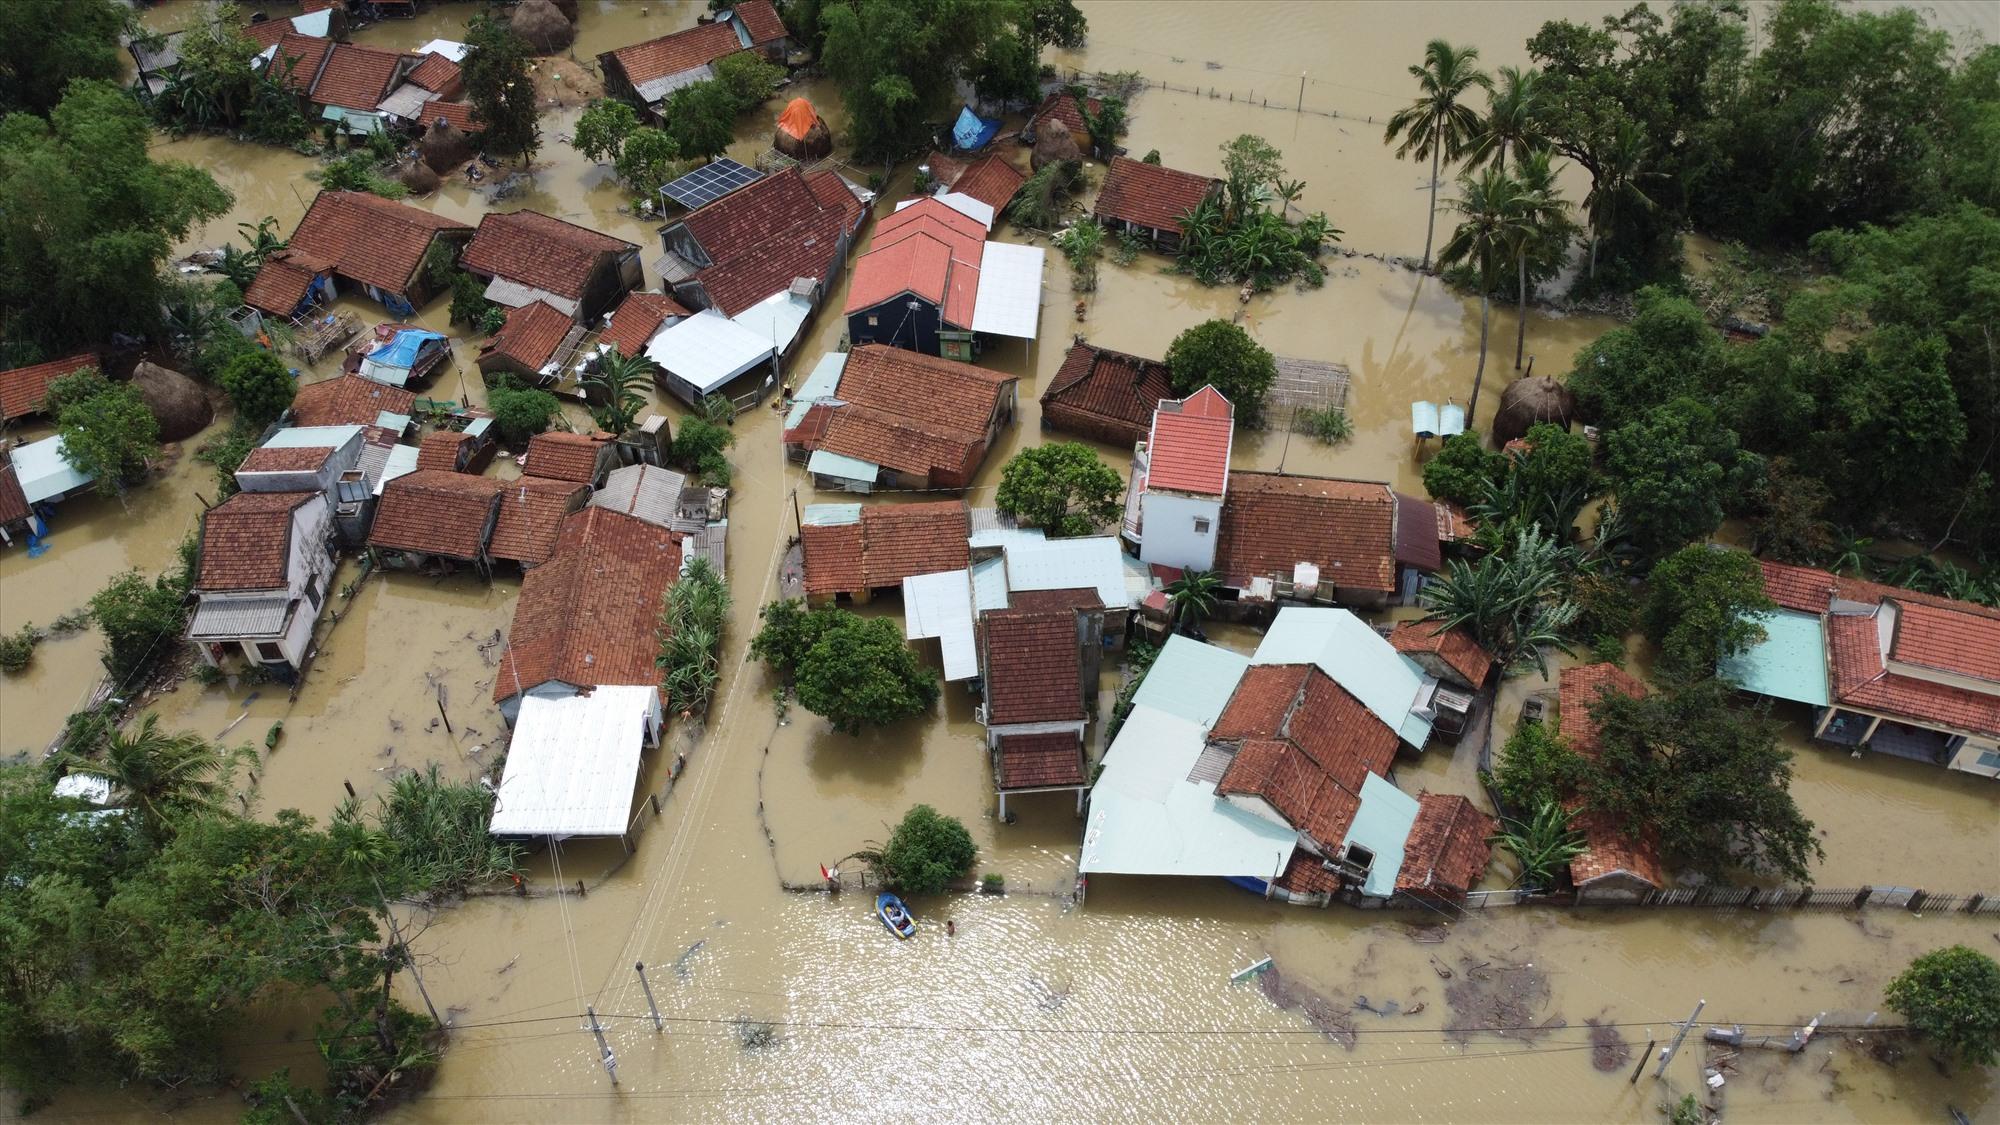 Hàng nghìn ngôi nhà ở Quảng Nam chìm trong lũ dữ. Ảnh: L.T